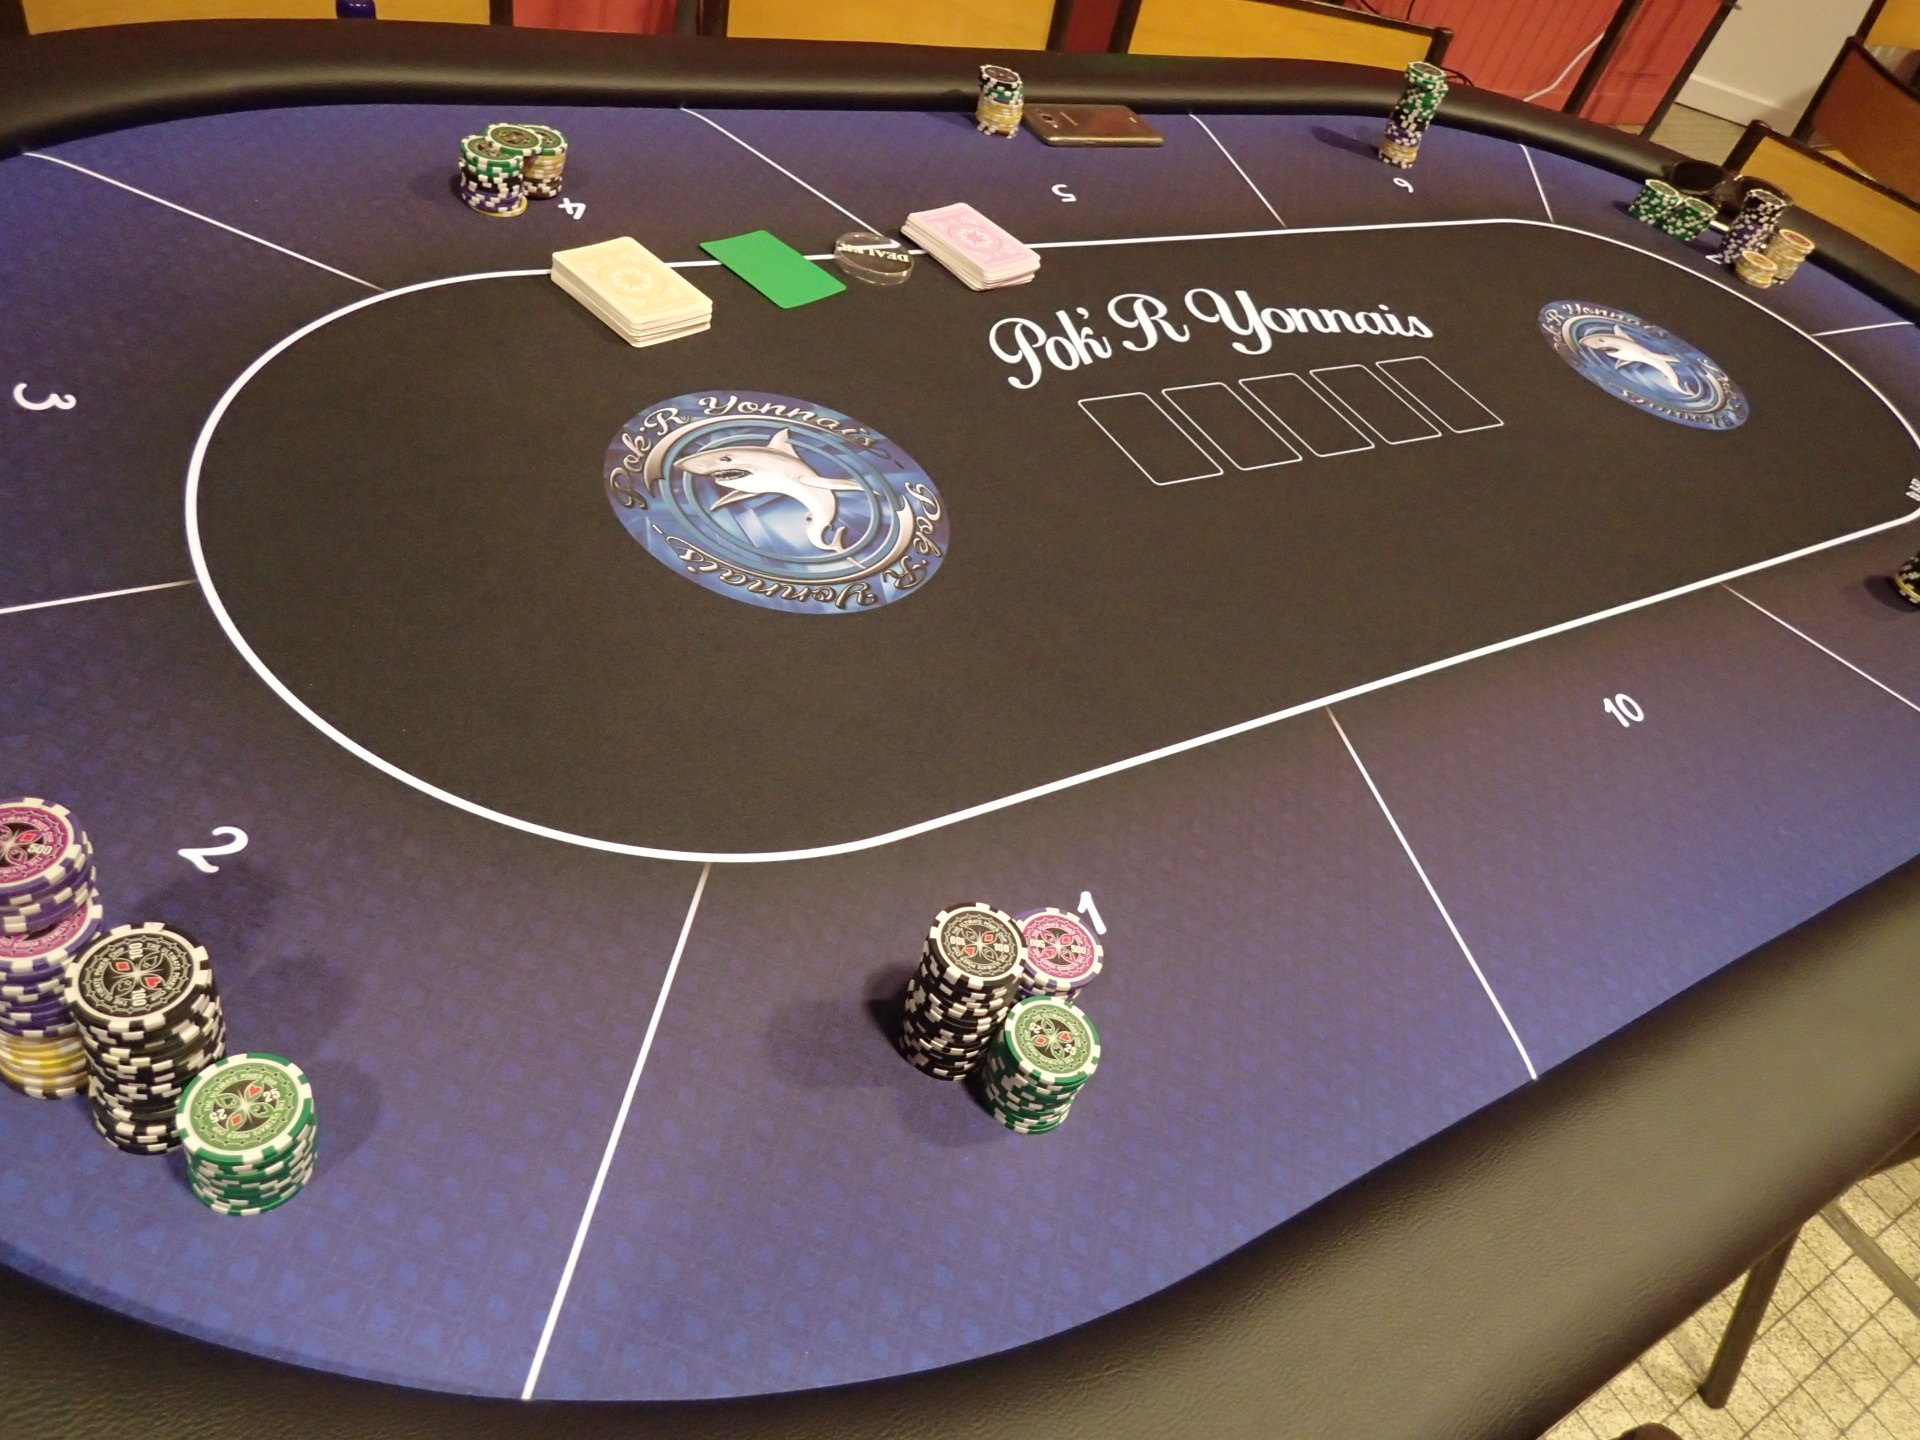 Salle Yvonne Logeais - Table de Poker - 2